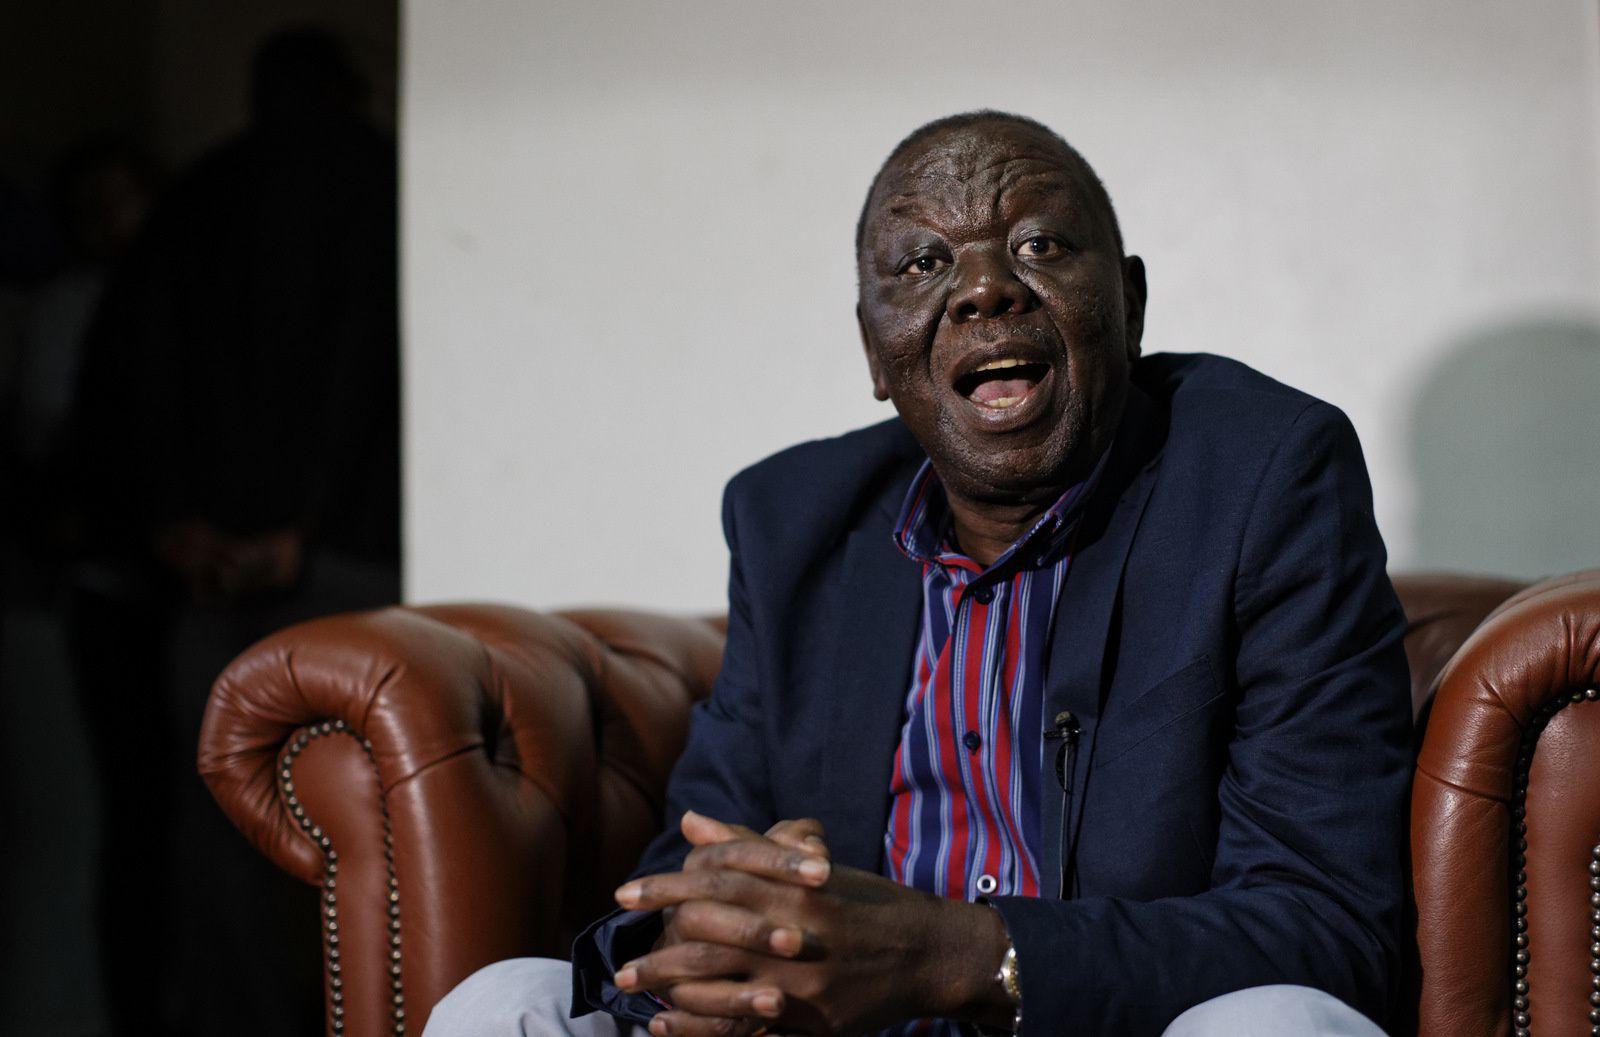 Le leader de l'opposition zimbabwéenne Morgan Tsvangirai prend la parole après avoir donné une conférence de presse chez lui à Harare, Zimbabwe, le 16 novembre 2017. M. Tsvangirai a déclaré que le président Robert Mugabe devait démissionner et a appelé à la mise en place d'un mécanisme de transition négocié. (AP/Ben Curtis)